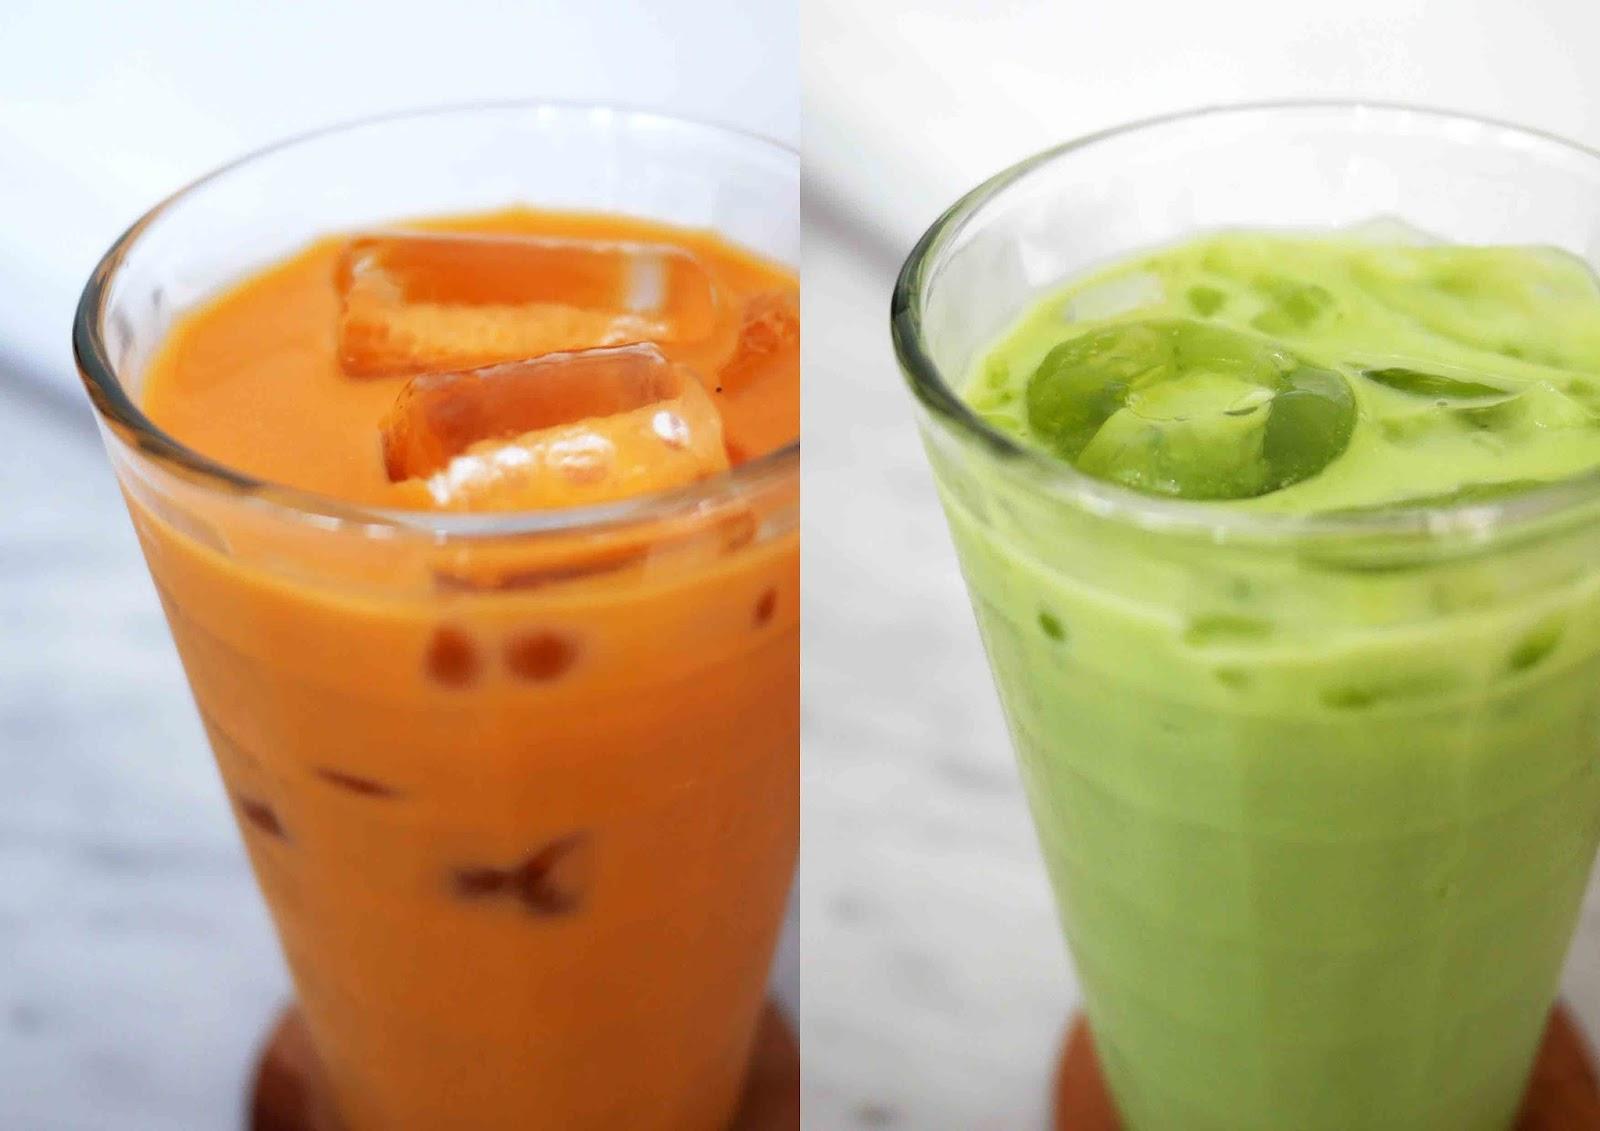 tổng hợp các công thức pha trà sữa 1 tổng hợp các công thức pha trà sữa Tổng hợp các công thức pha trà sữa tuyệt ngon (Phần 2) tong hop cac cong thuc pha tra sua 1 1